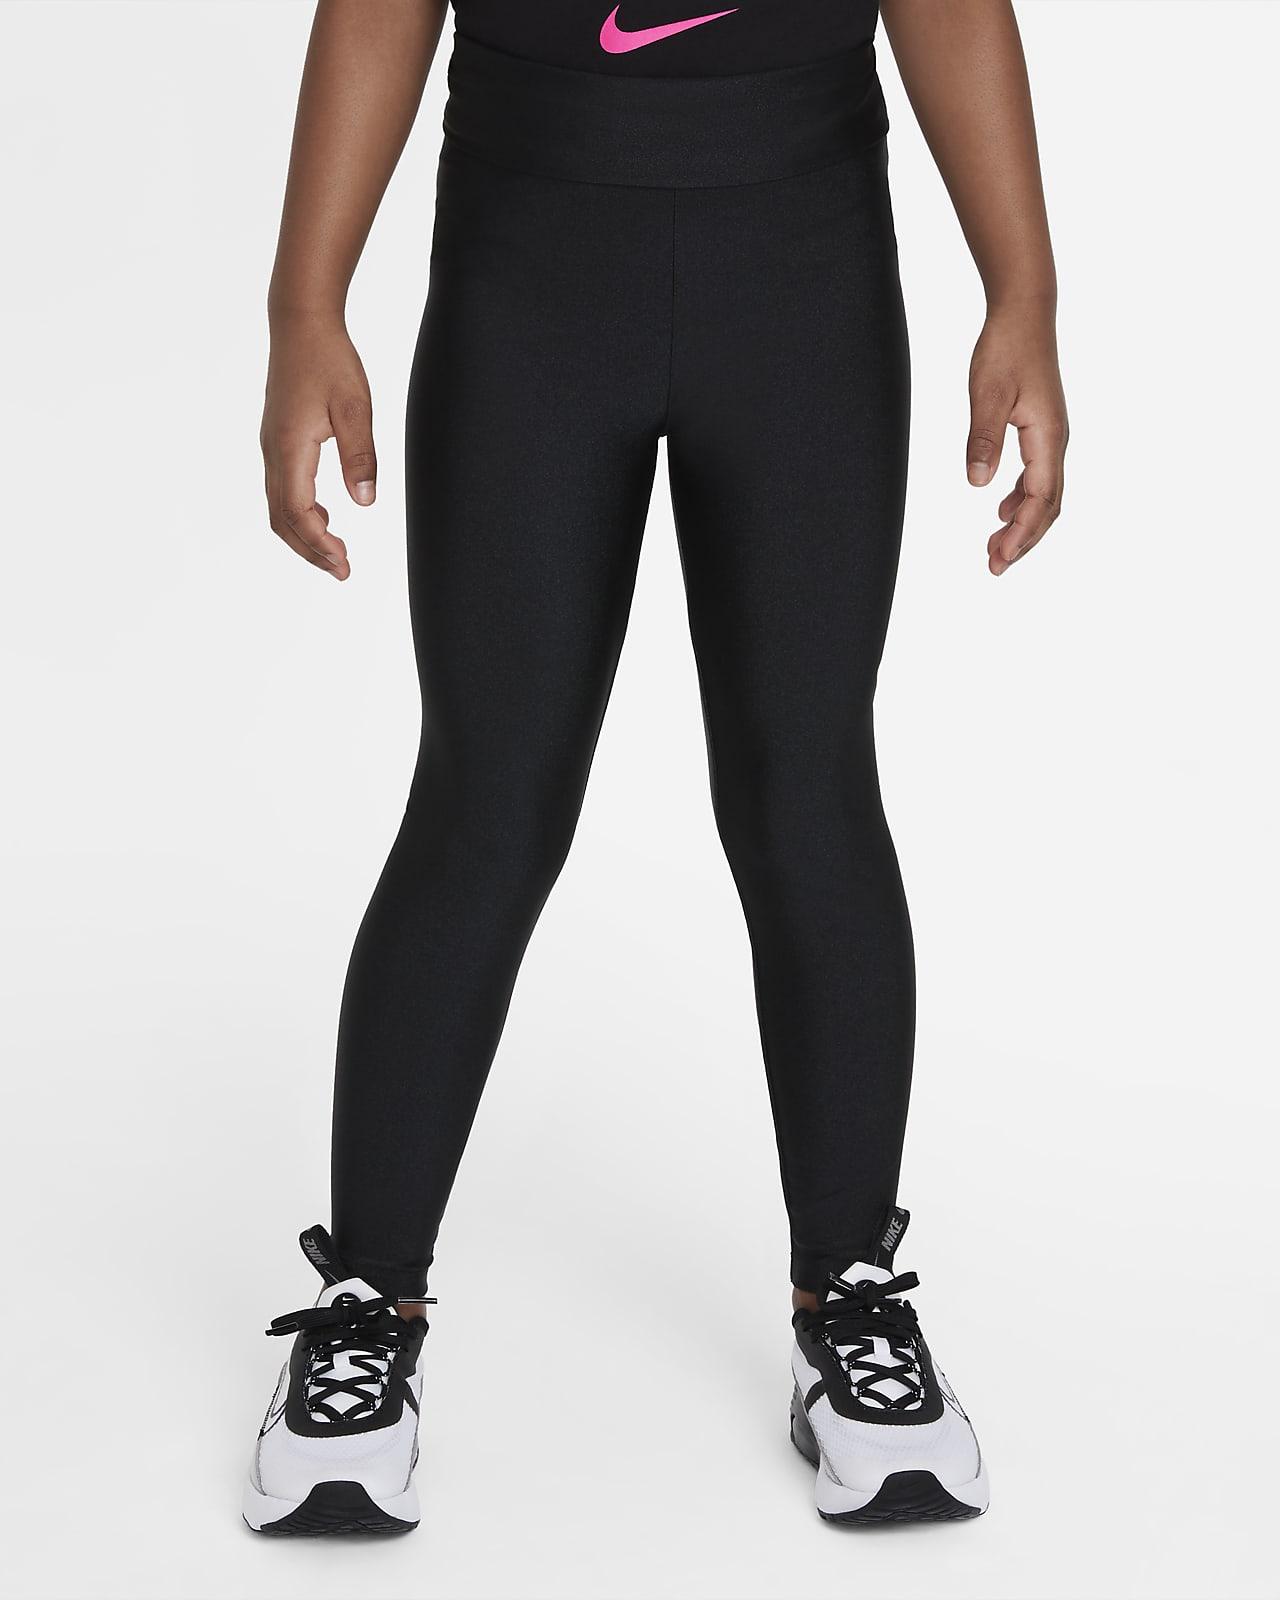 Nike Leggings mit hohem Bund für jüngere Kinder